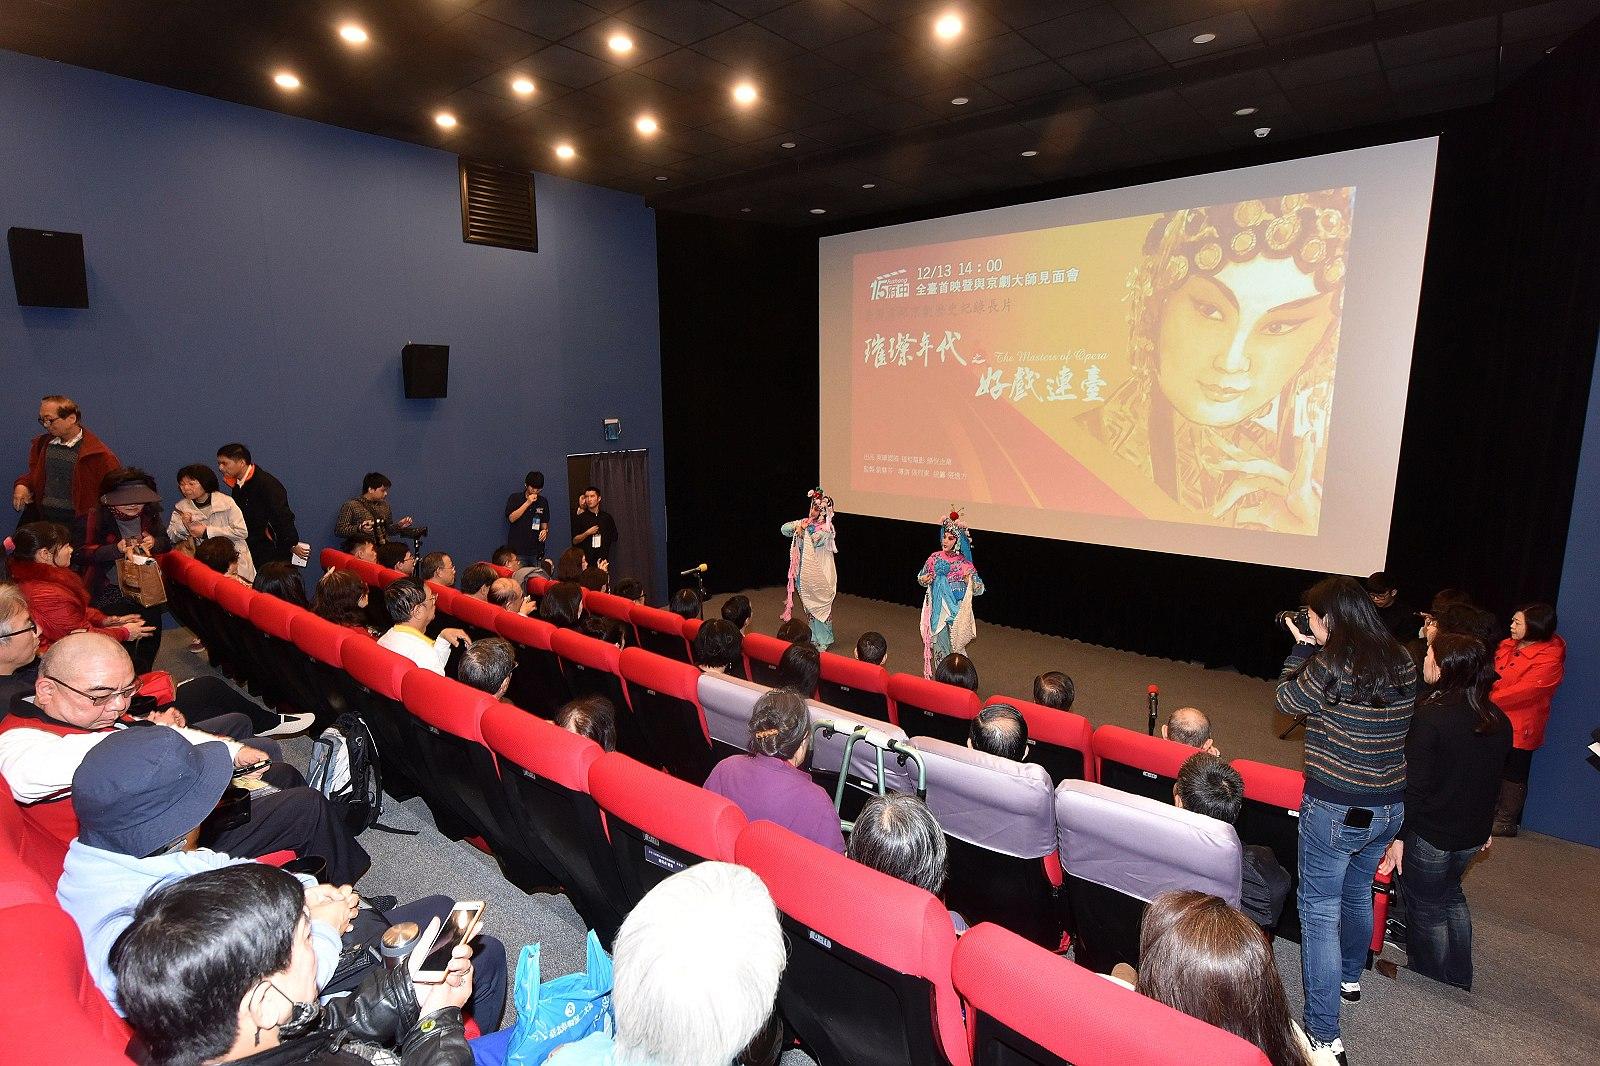 文化大學中國戲劇系學生演出京劇「小放牛」